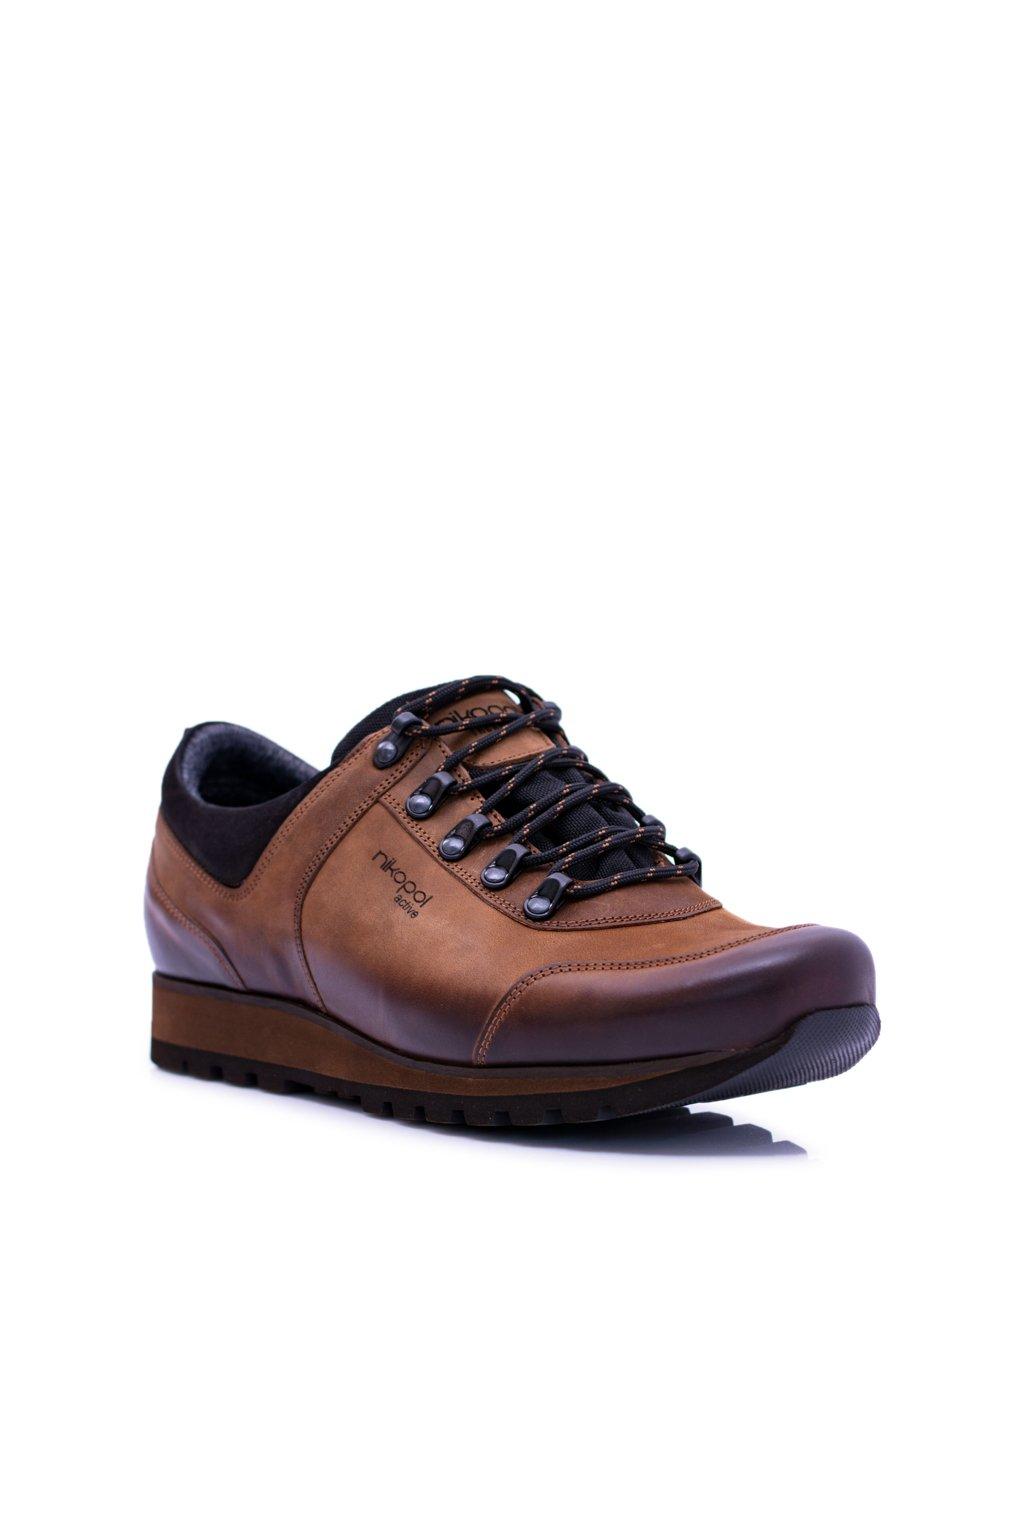 Pánske trekingové topánky farba hnedá kód obuvi 1685 BROWN